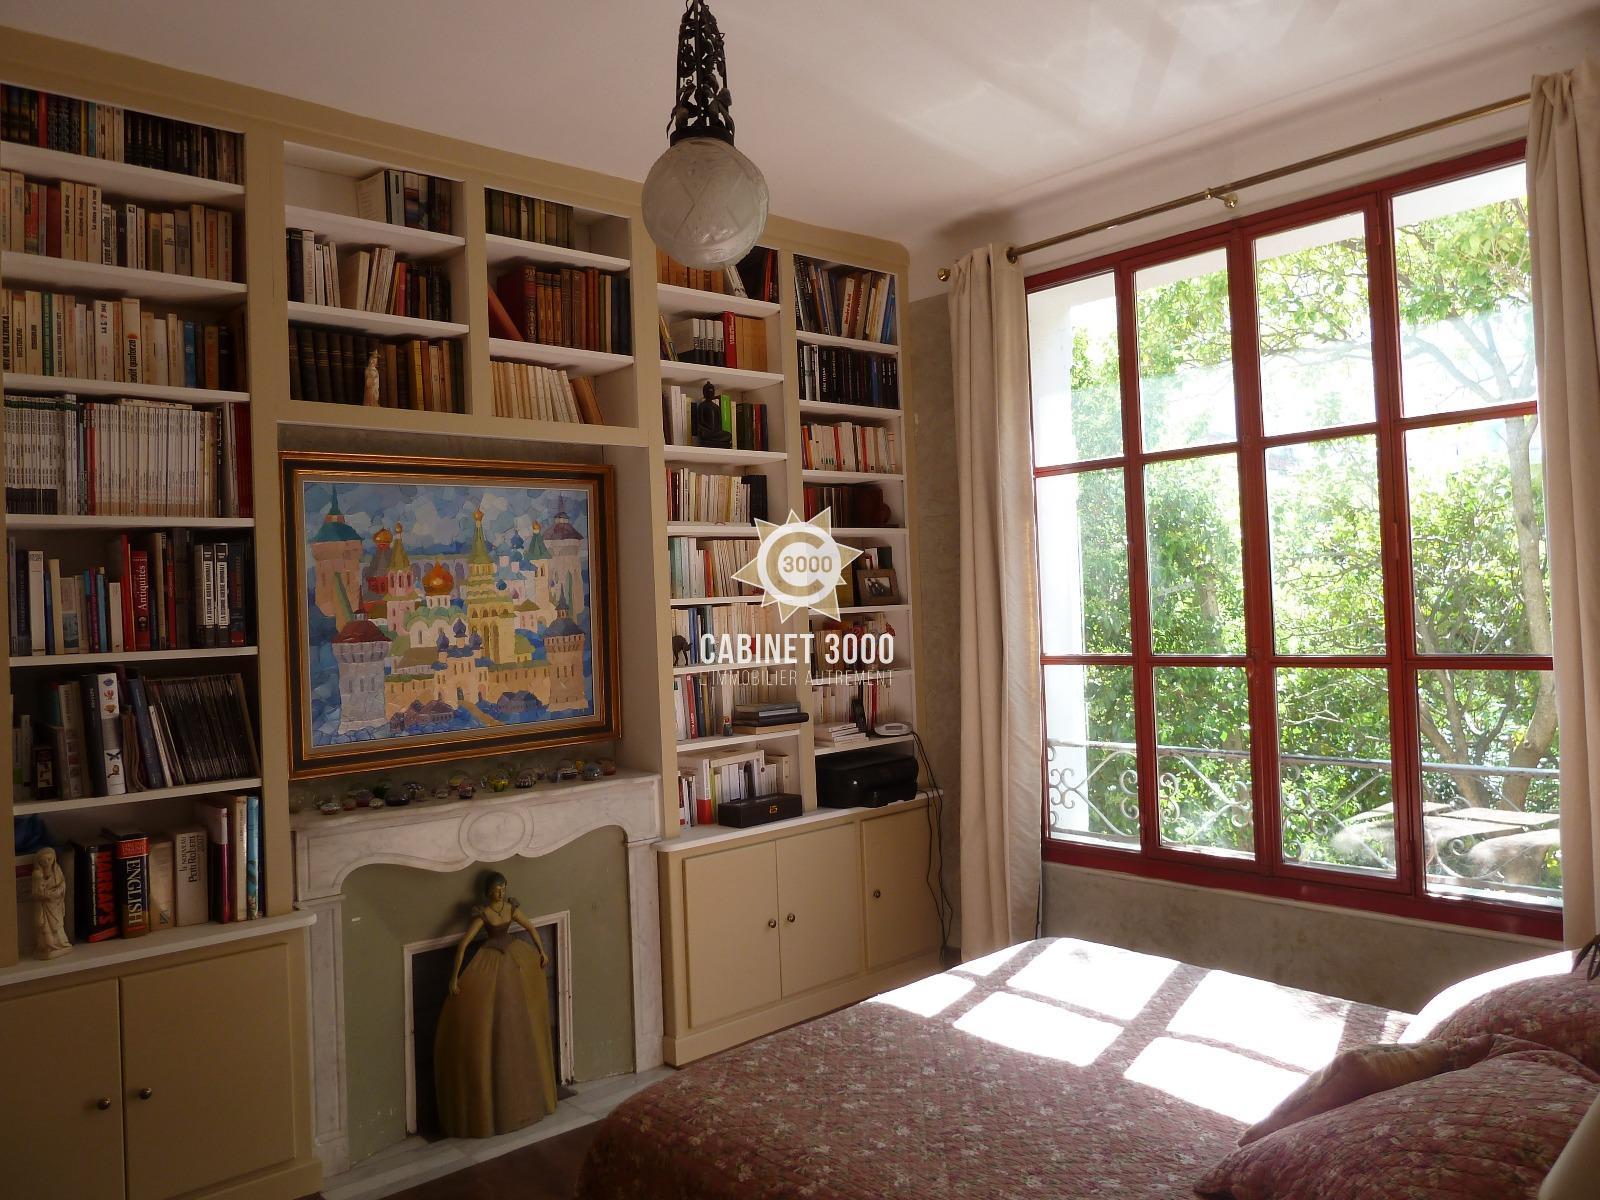 Vente m1223 toulon le mourillon maison t8 avec jardin - Maison jardin brisbane toulon ...